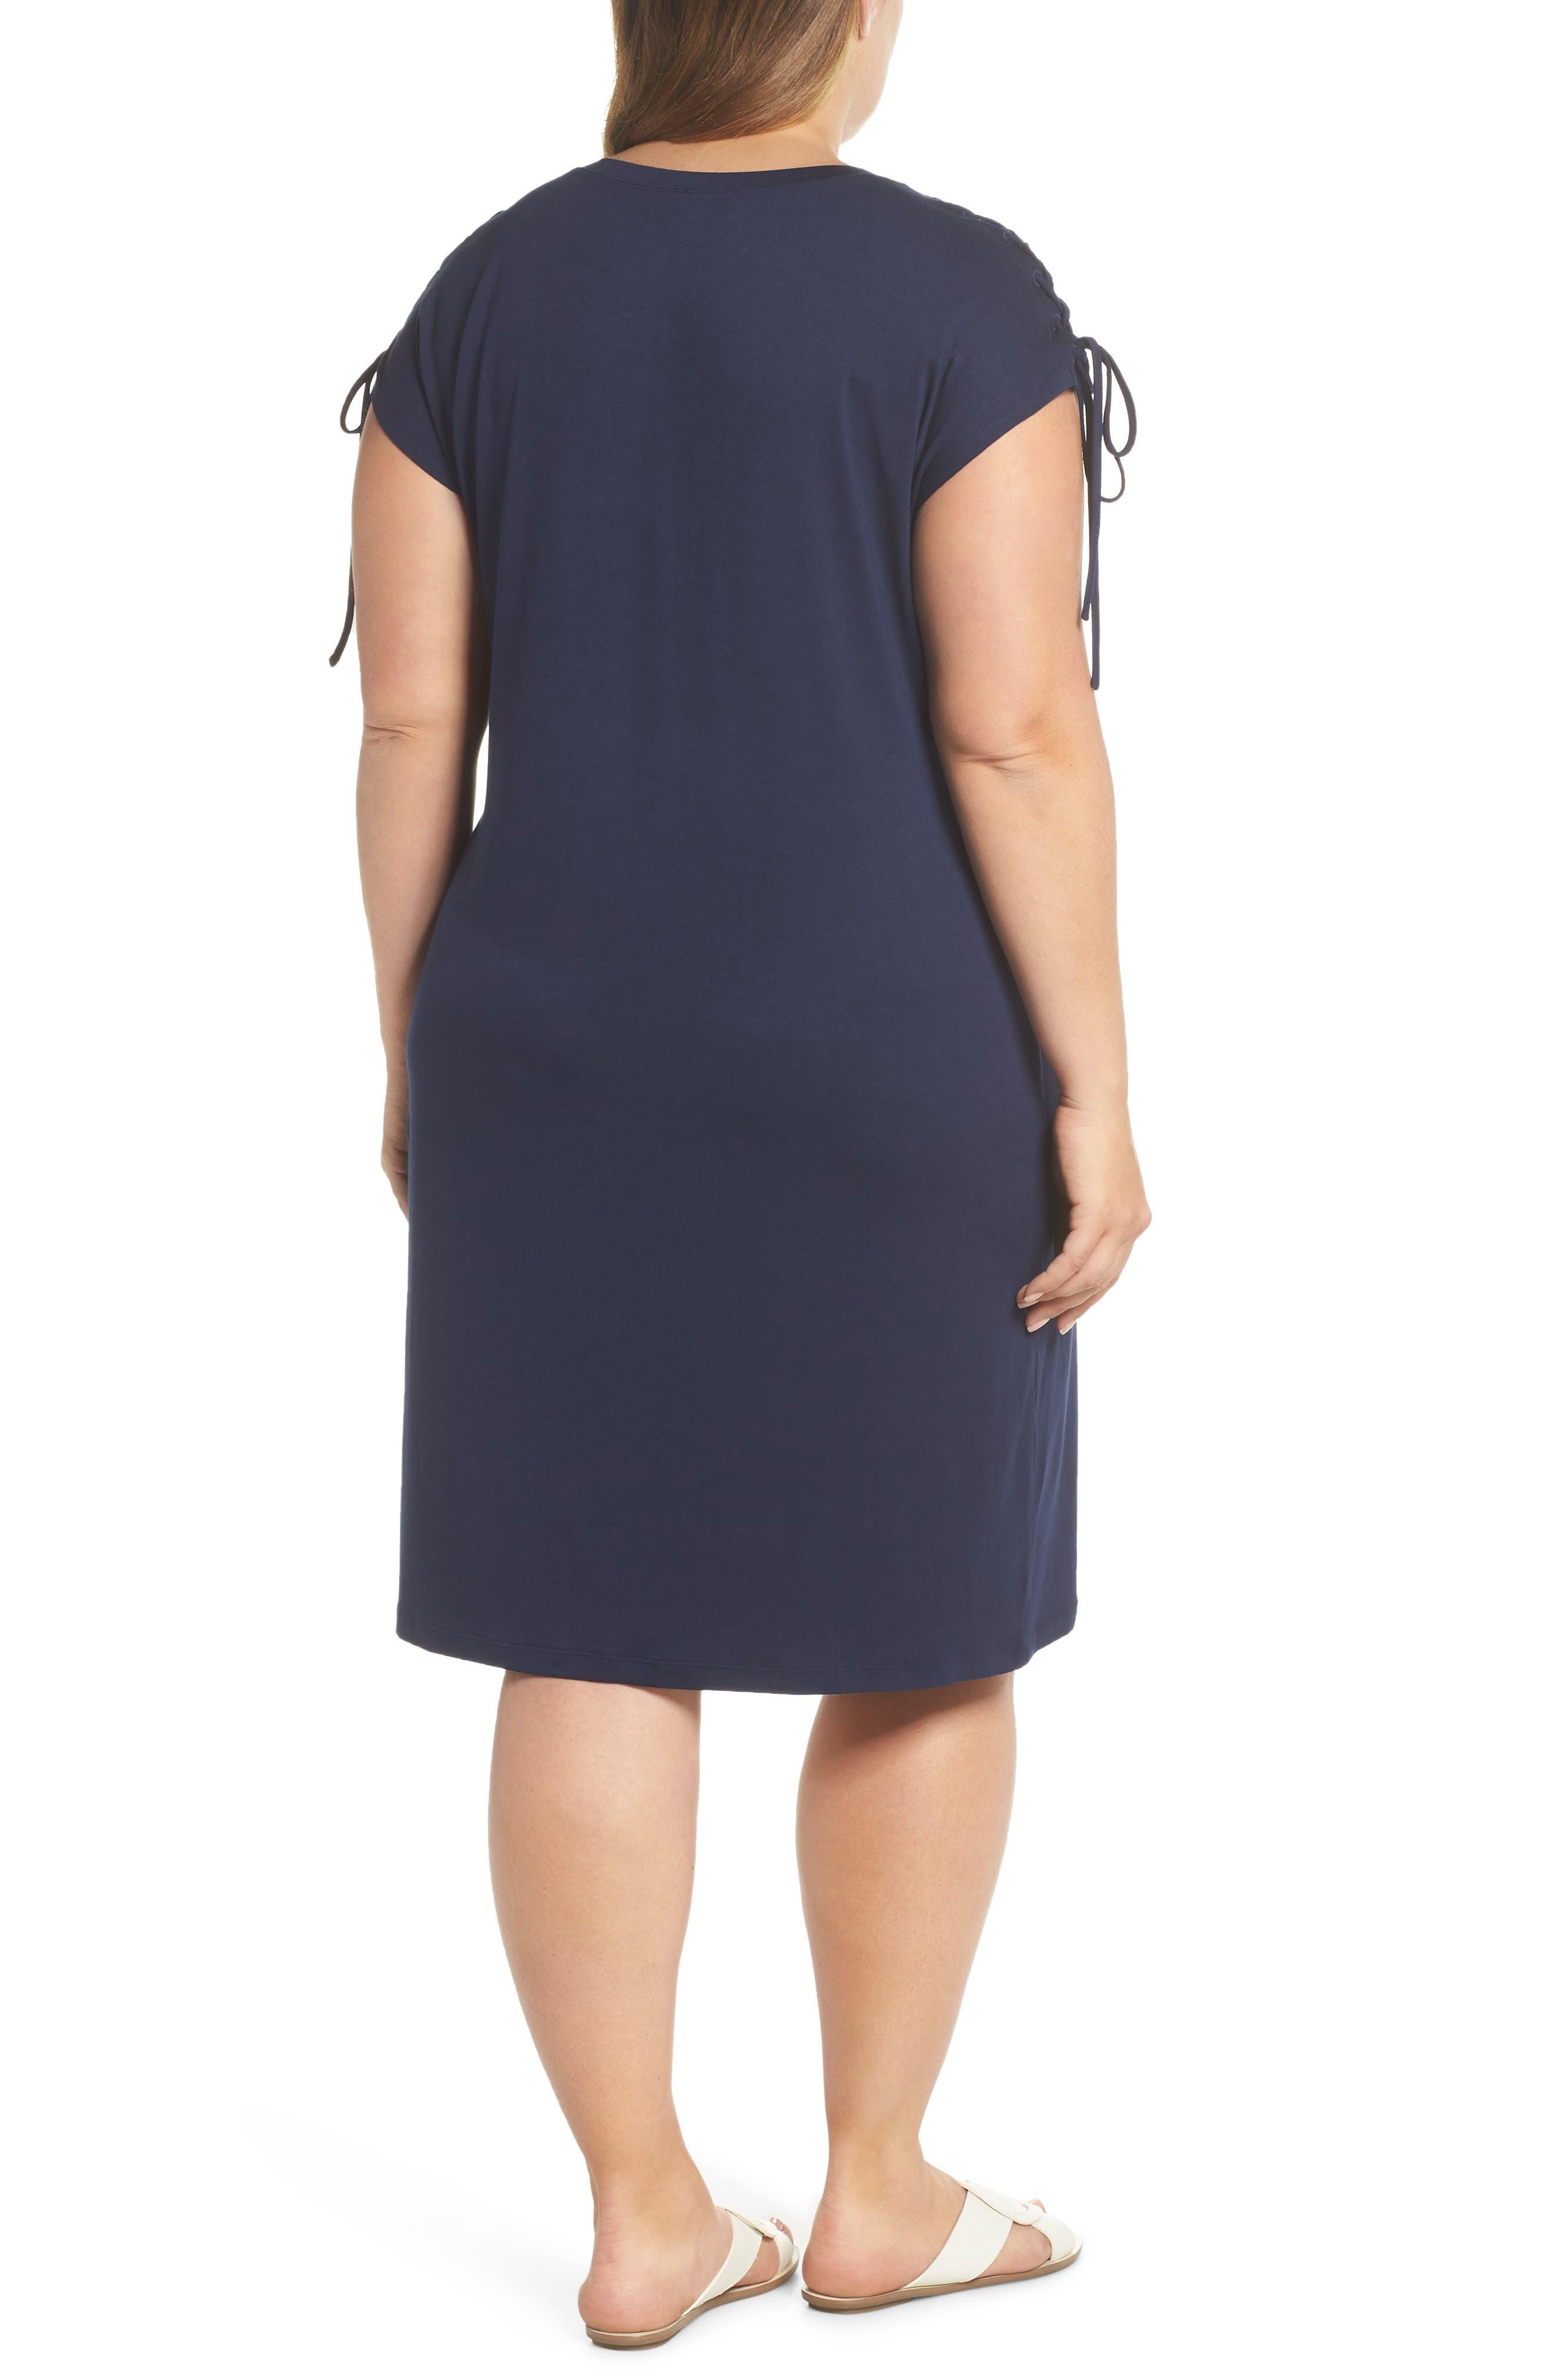 VINCE CAMUTO,                             Lace-Up Shoulder T-Shirt Dress,                             Alternate thumbnail 2, color,                             461